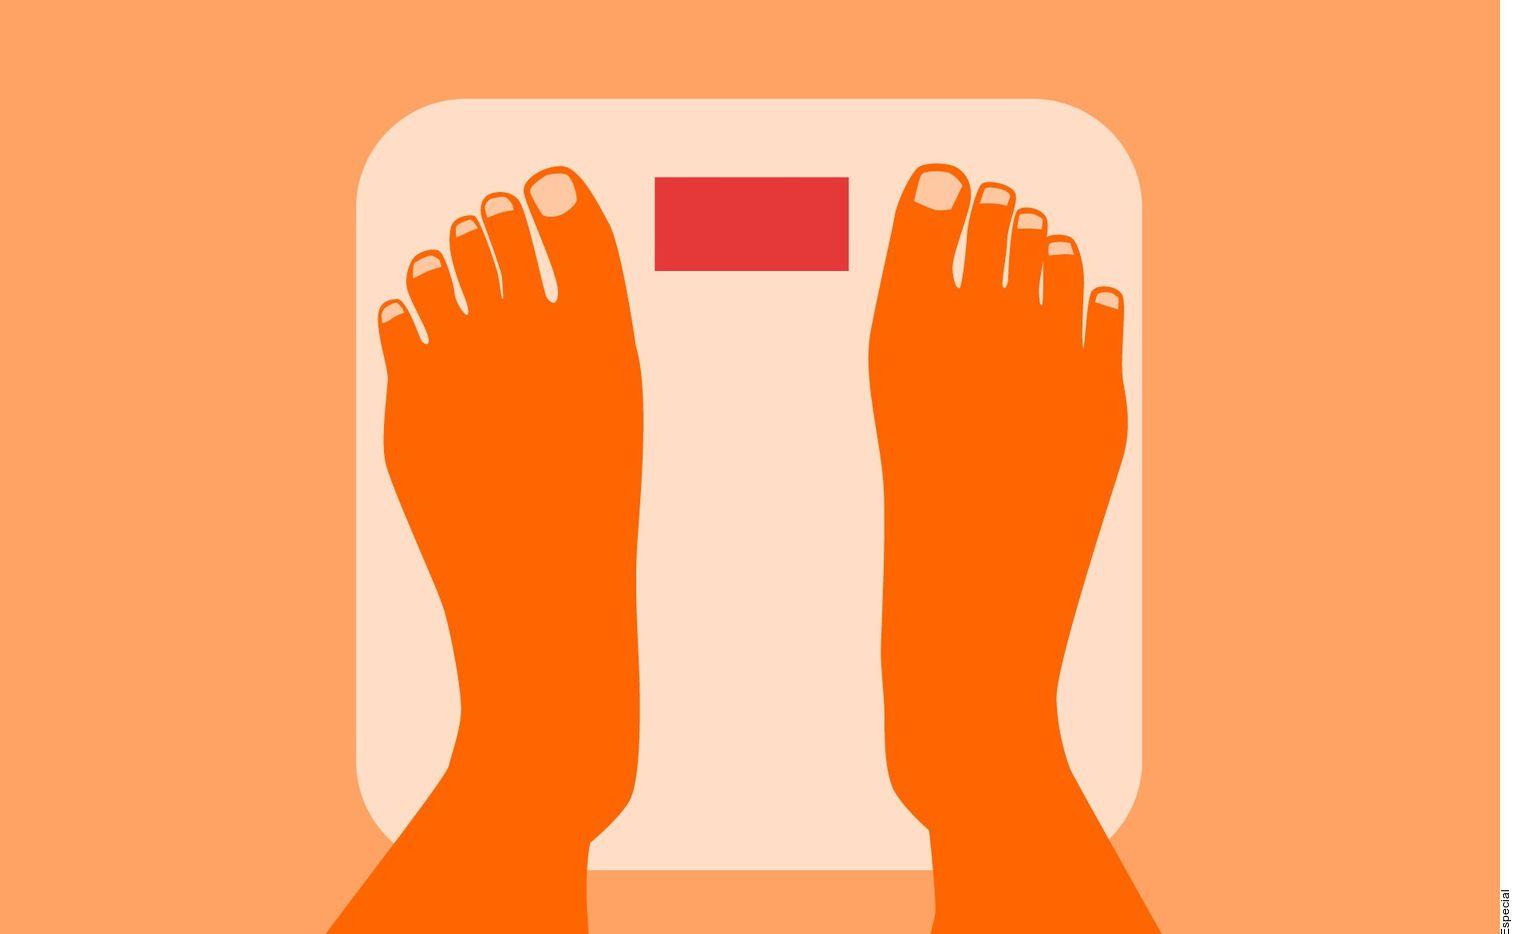 Conoce las recomendaciones que la nutrióloga Mara Alemán brinda para evitar subir de peso durante esta cuarentena.